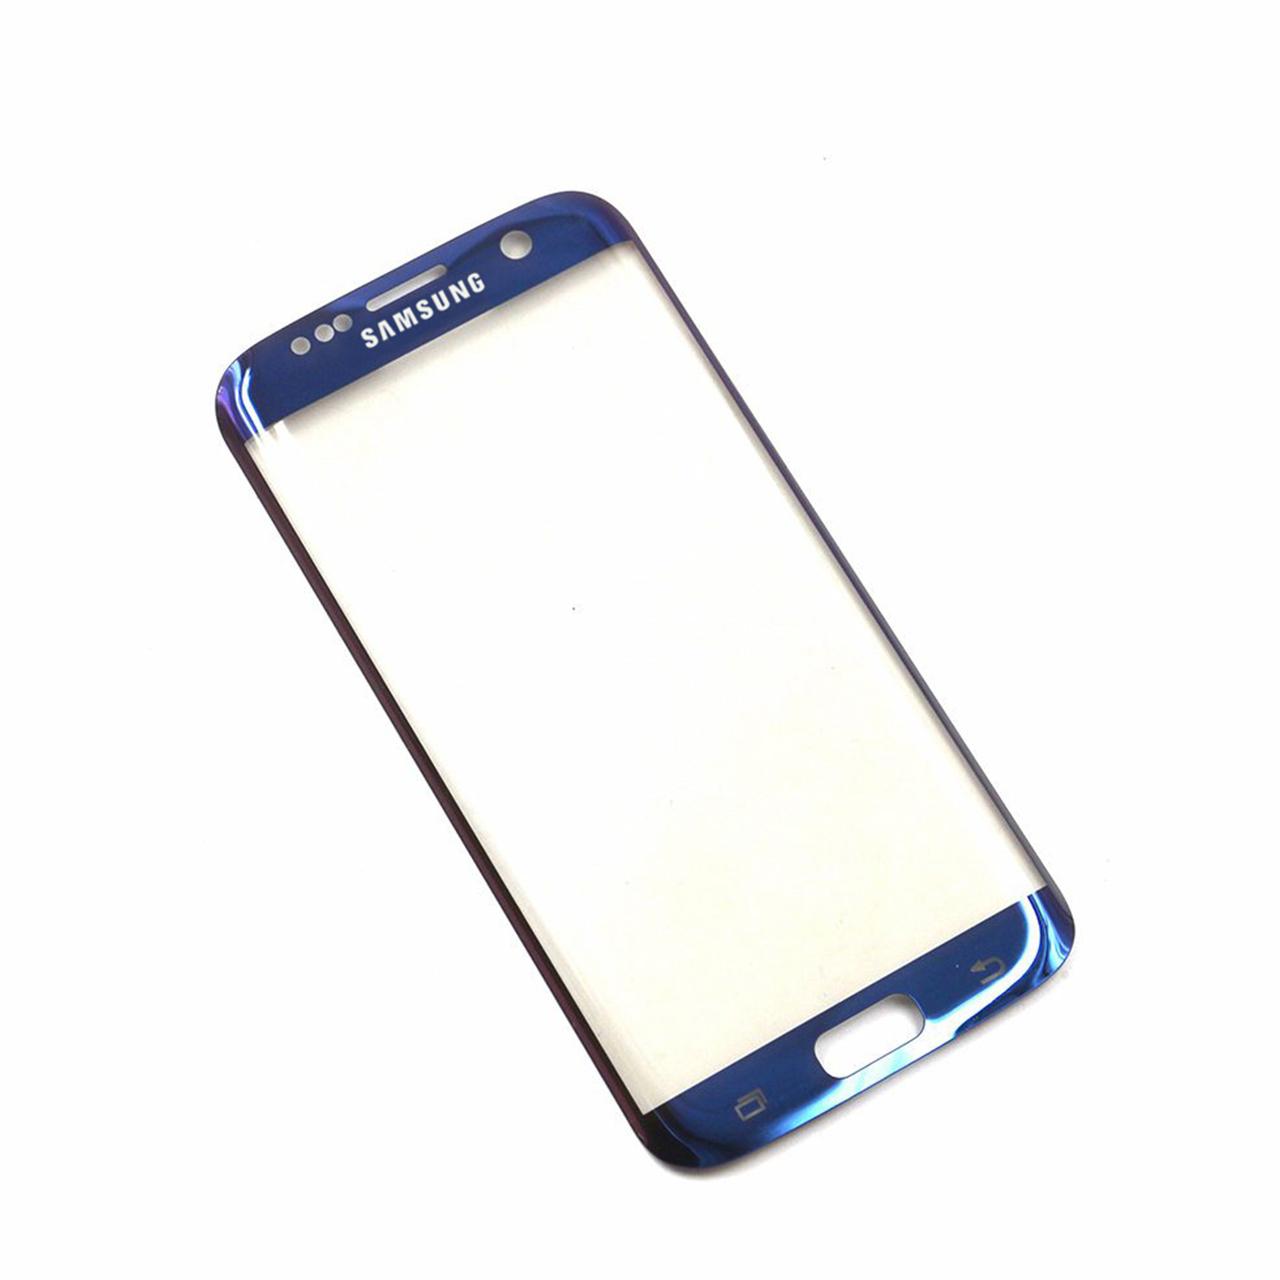 محافظ صفحه نمایش شیشه ای مدل 3D Curved مناسب برای گوشی موبایل سامسونگ Galaxy S7 Edge